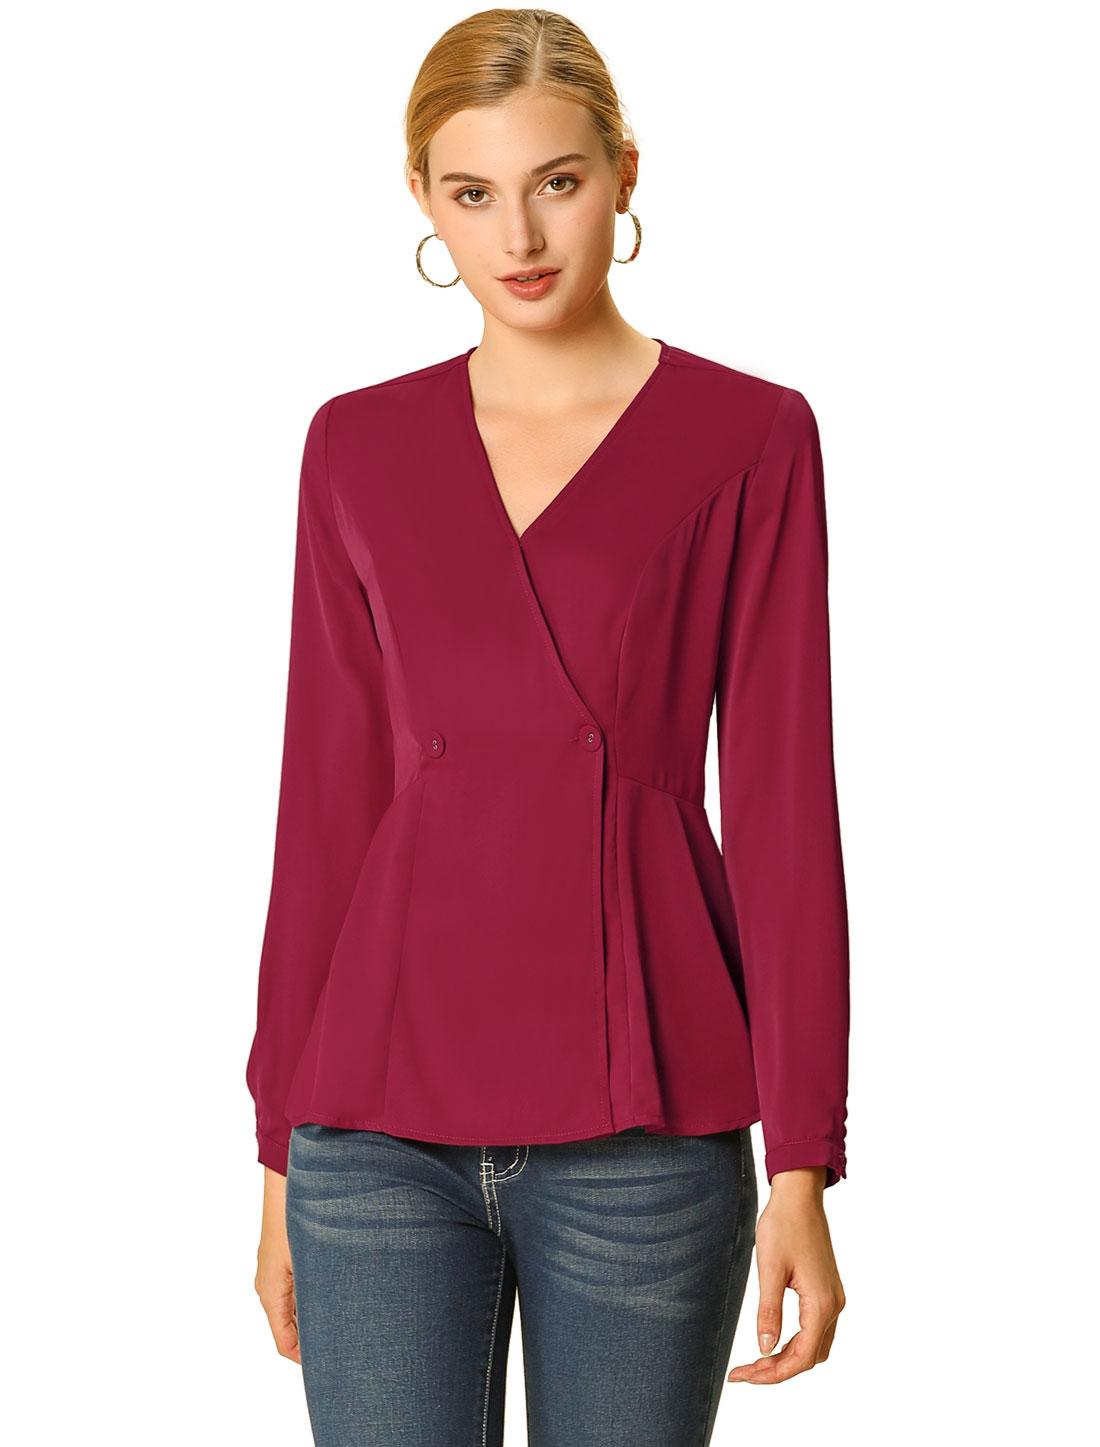 Allegra K Women's V Neck Long Sleeves Peplum Blouse Top Red XS